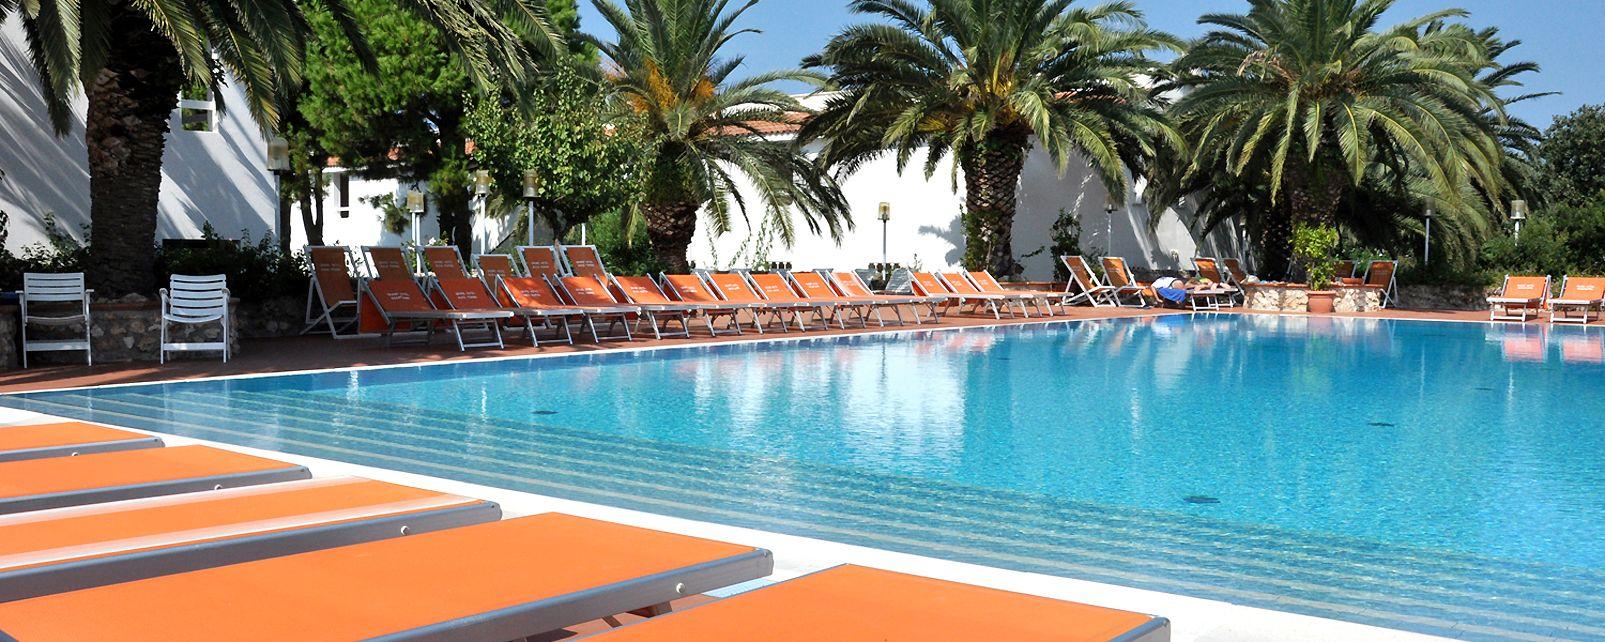 Hotel Grand Hotel Rosa Marina